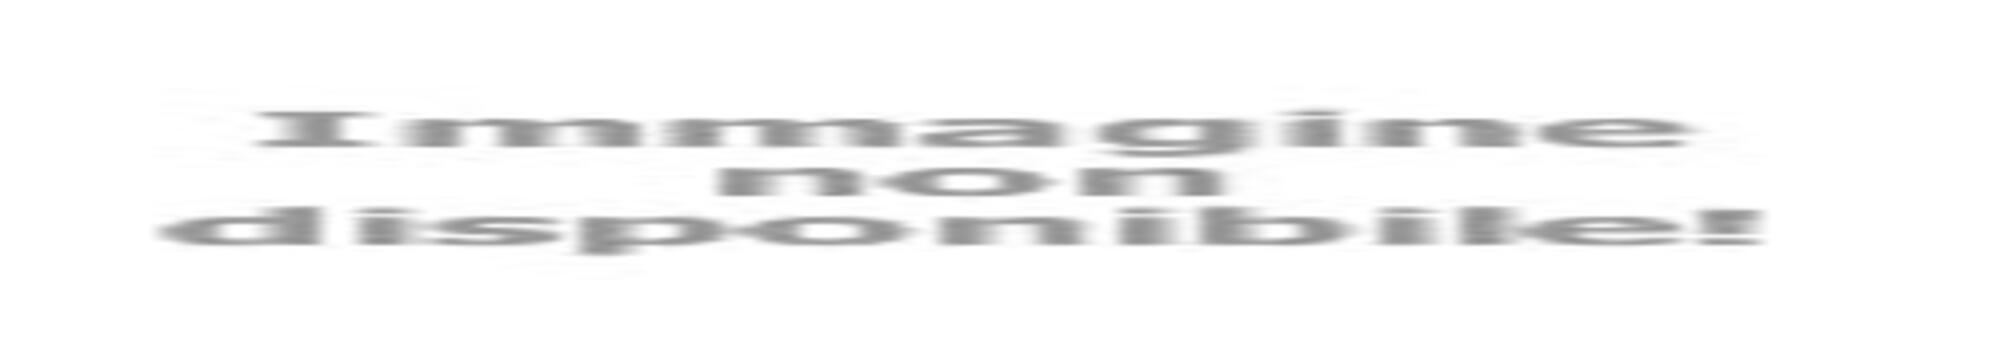 September tilbud på standpladser i camping village i Bibione Pineda